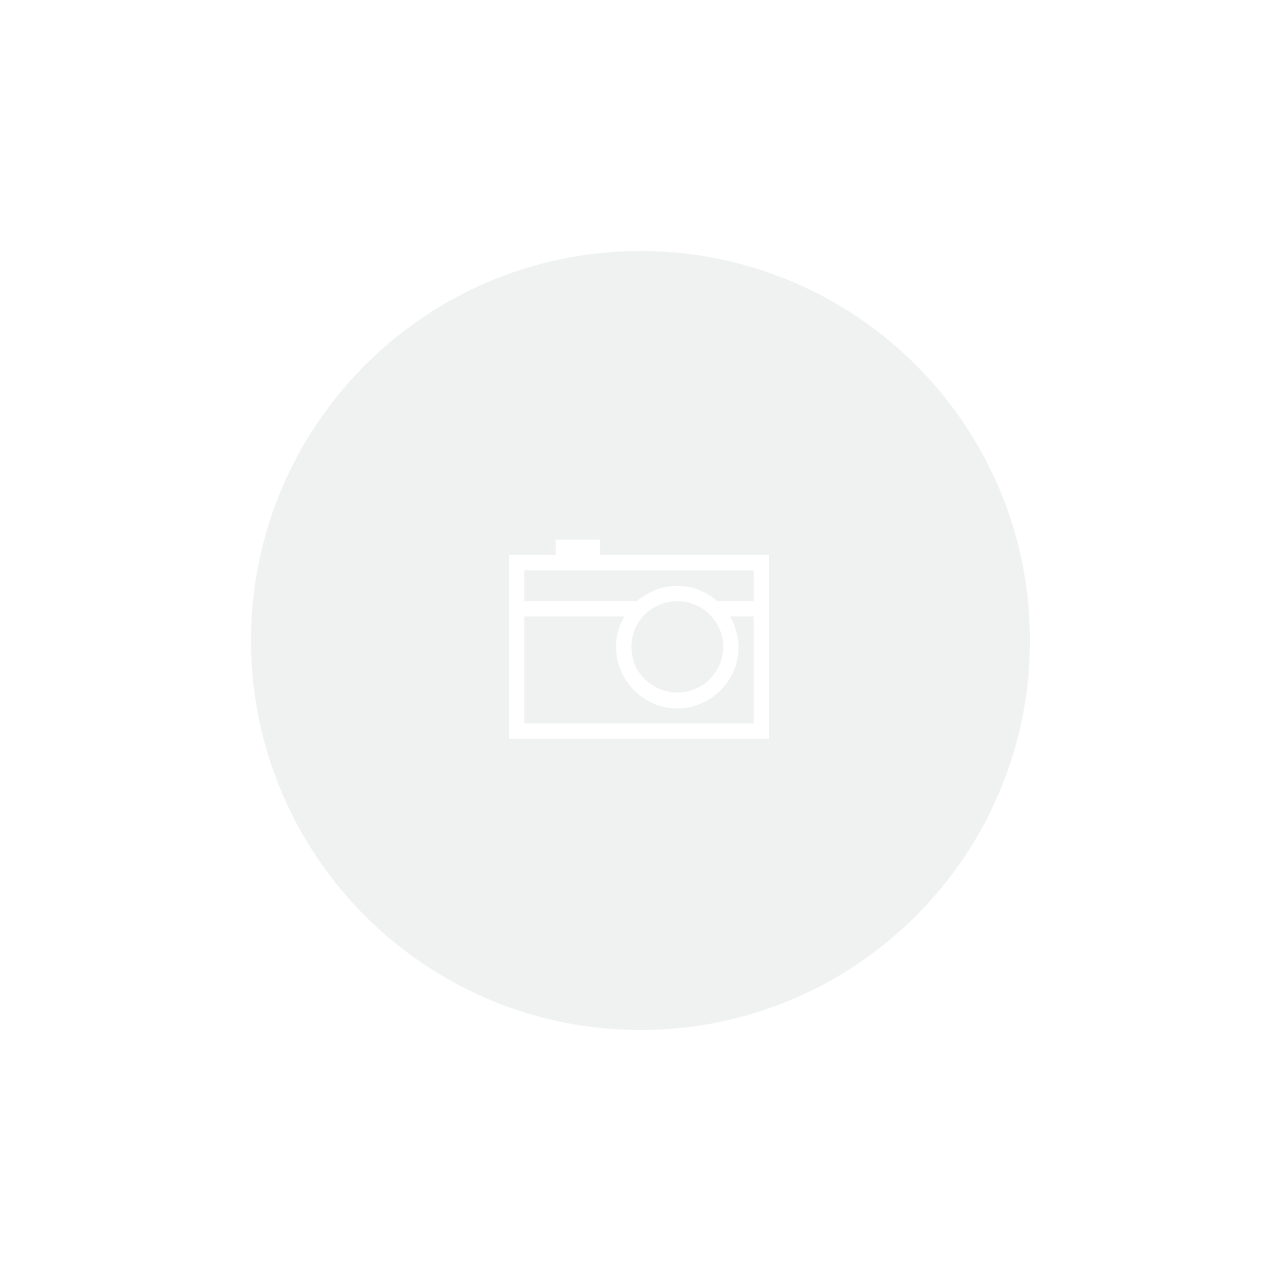 BICICLETA SPEED BMC TM SLR02 ONE 2019 CARB 22V ULTEGRA